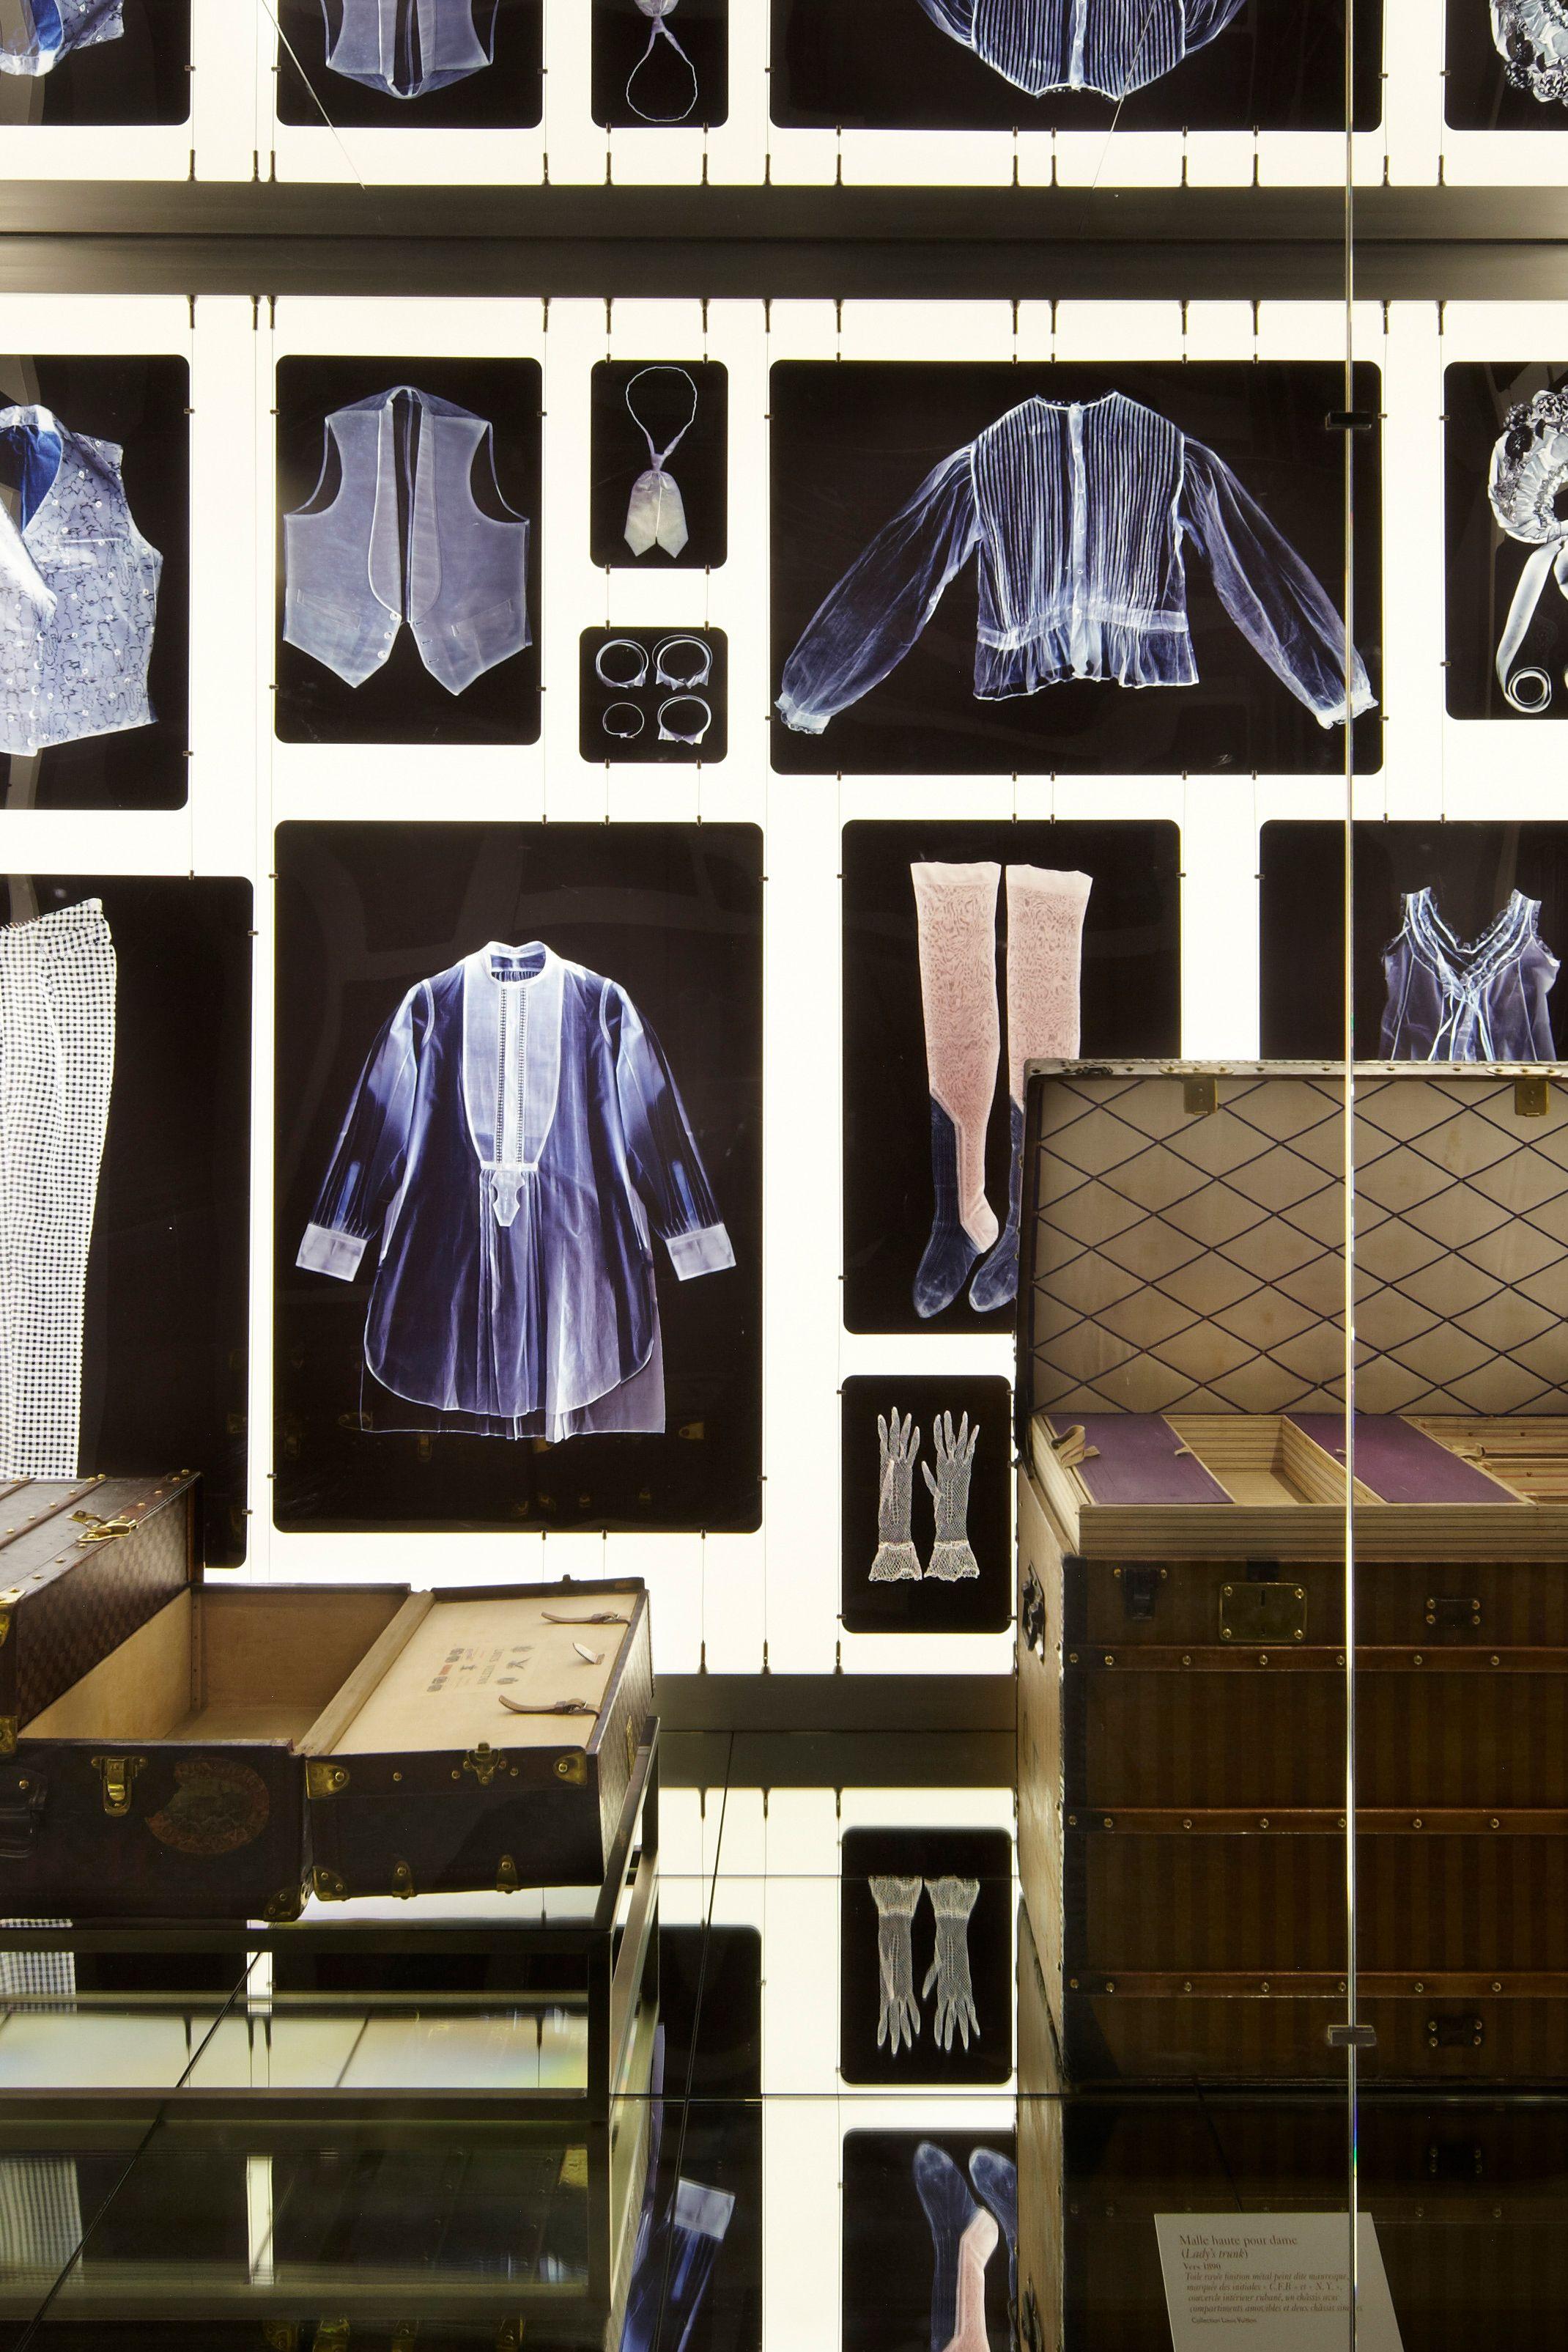 Louis Vuitton Marc Jacobs exhibition at the Musée des arts decoratifs